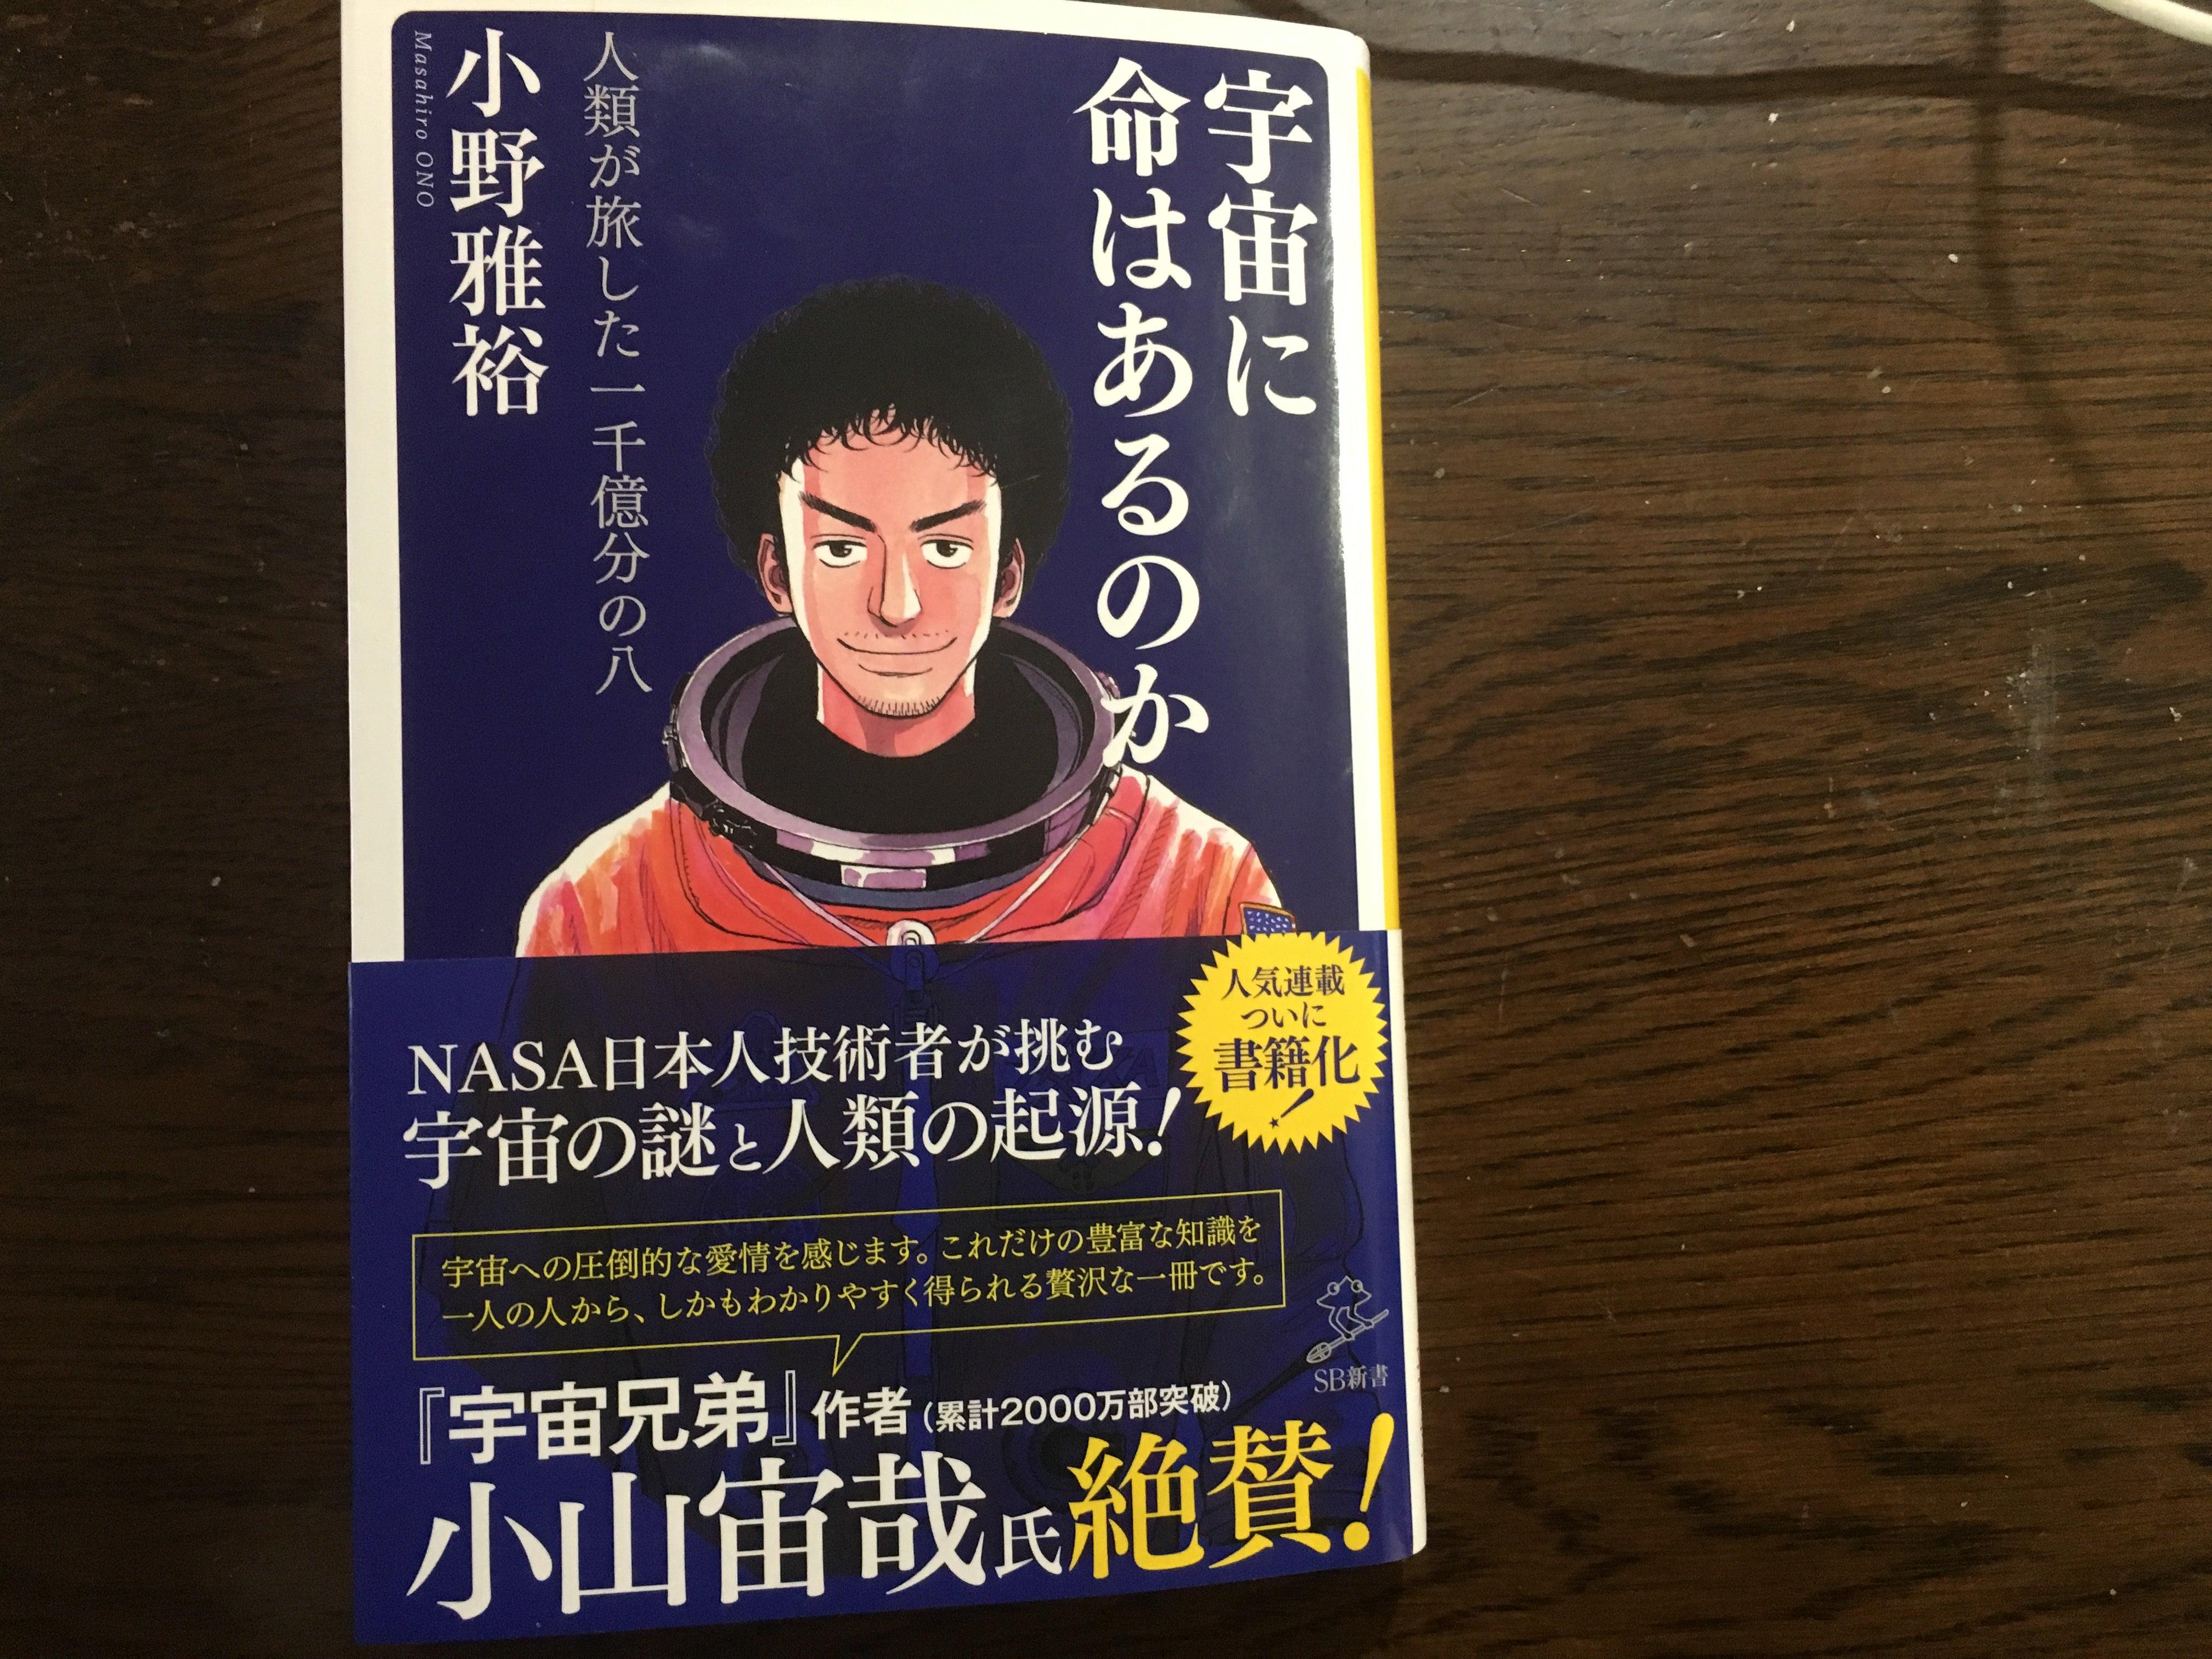 宇宙的日本人